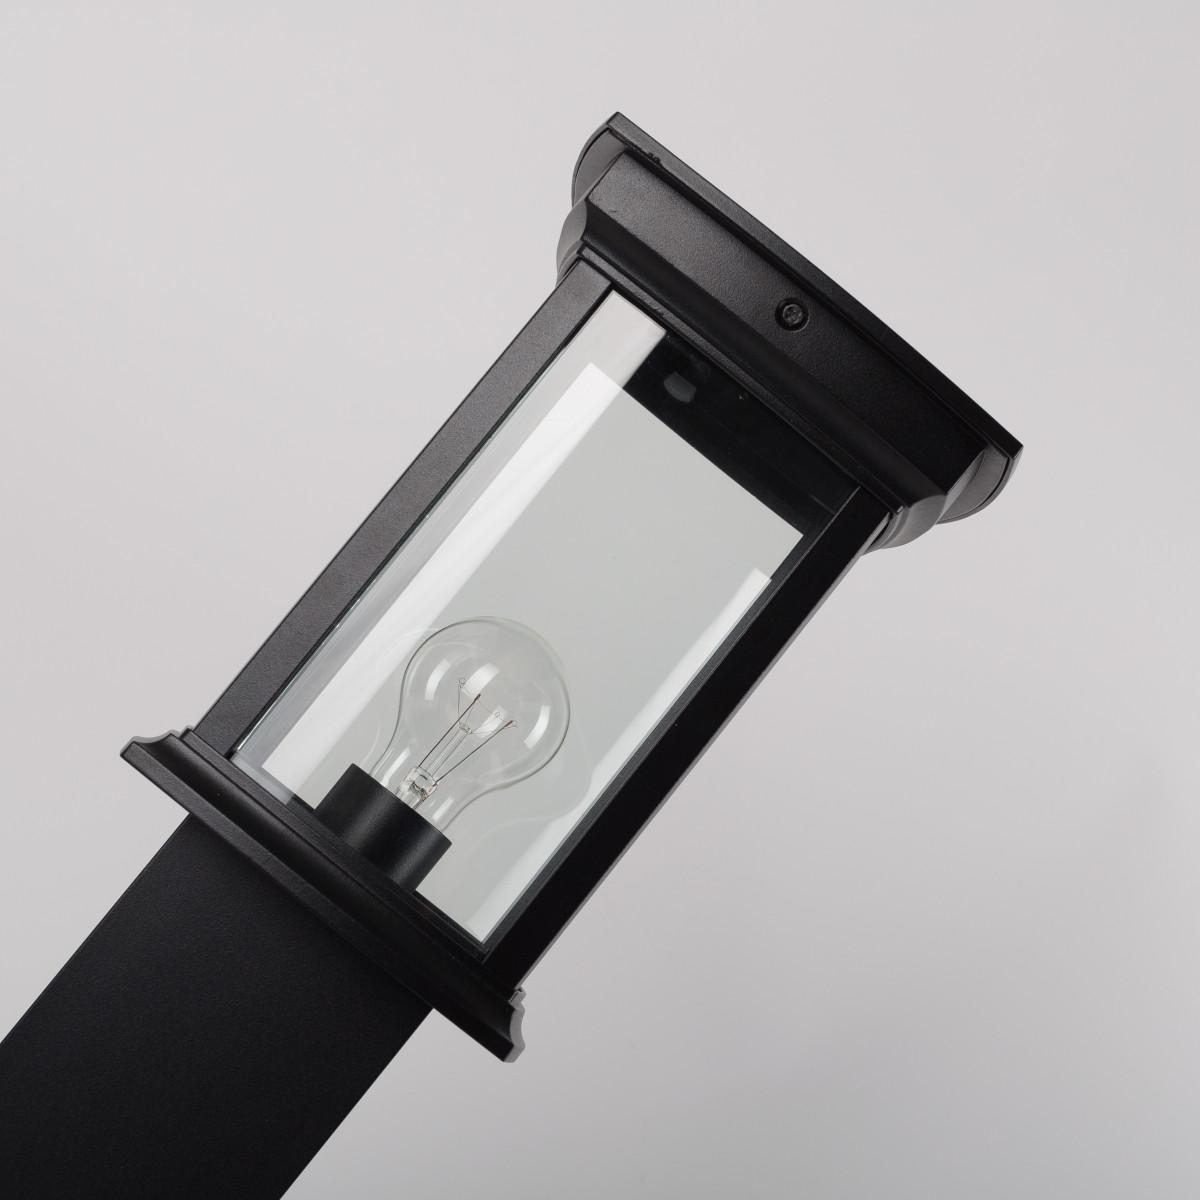 Buitenlamp Staand Zwart Carlton Terras, strak klassieke tuinlamp 80cm hoog, rechthoekige lantaarnkap met helder glazen, E27 fitting, mooie tuinverlichting